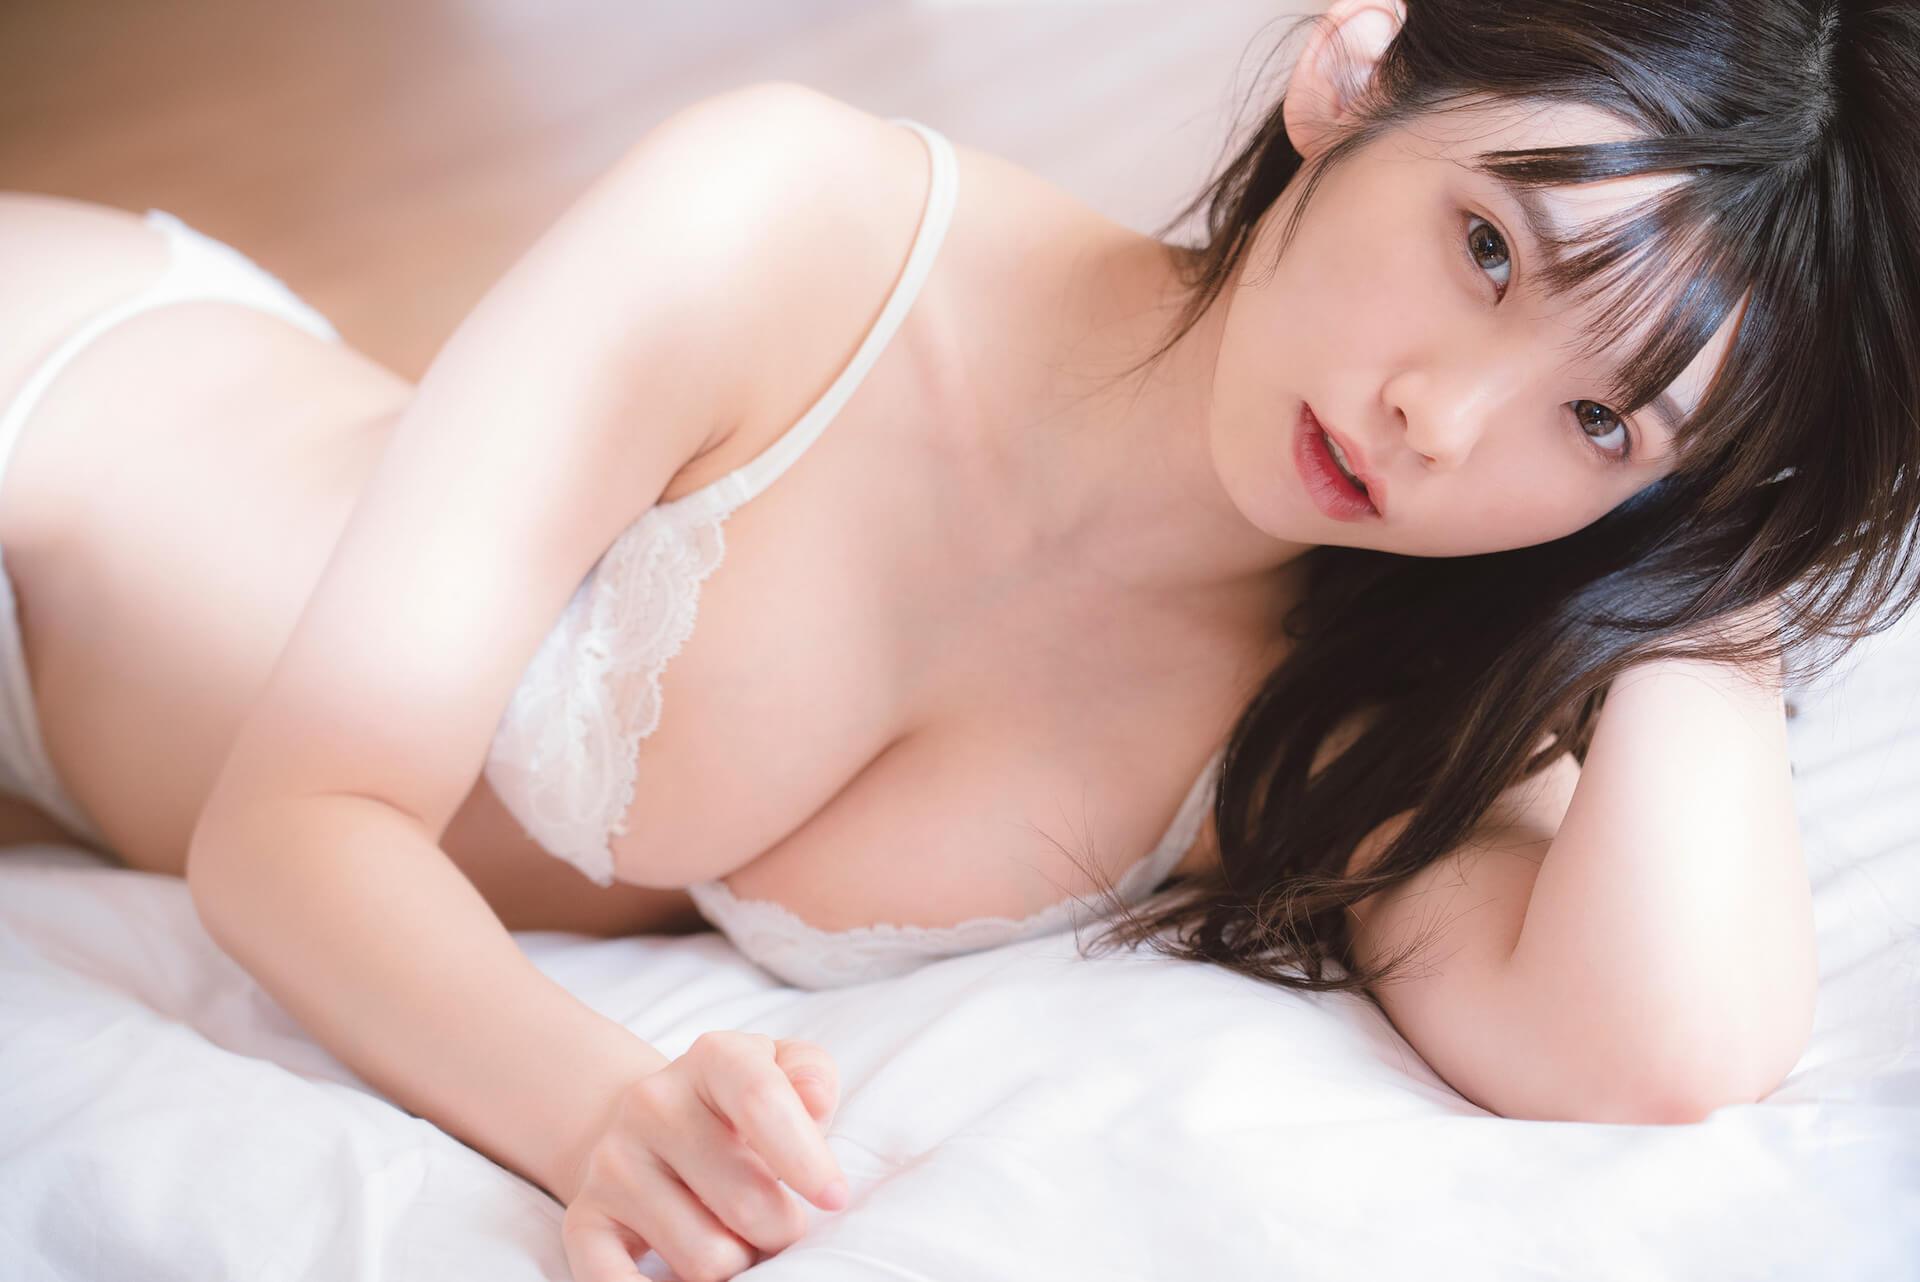 えなこのセクシーアザーカットが特典に!コスプレなしの写真集『OFF COSTUME』のポストカードが解禁 art210917_enako_6